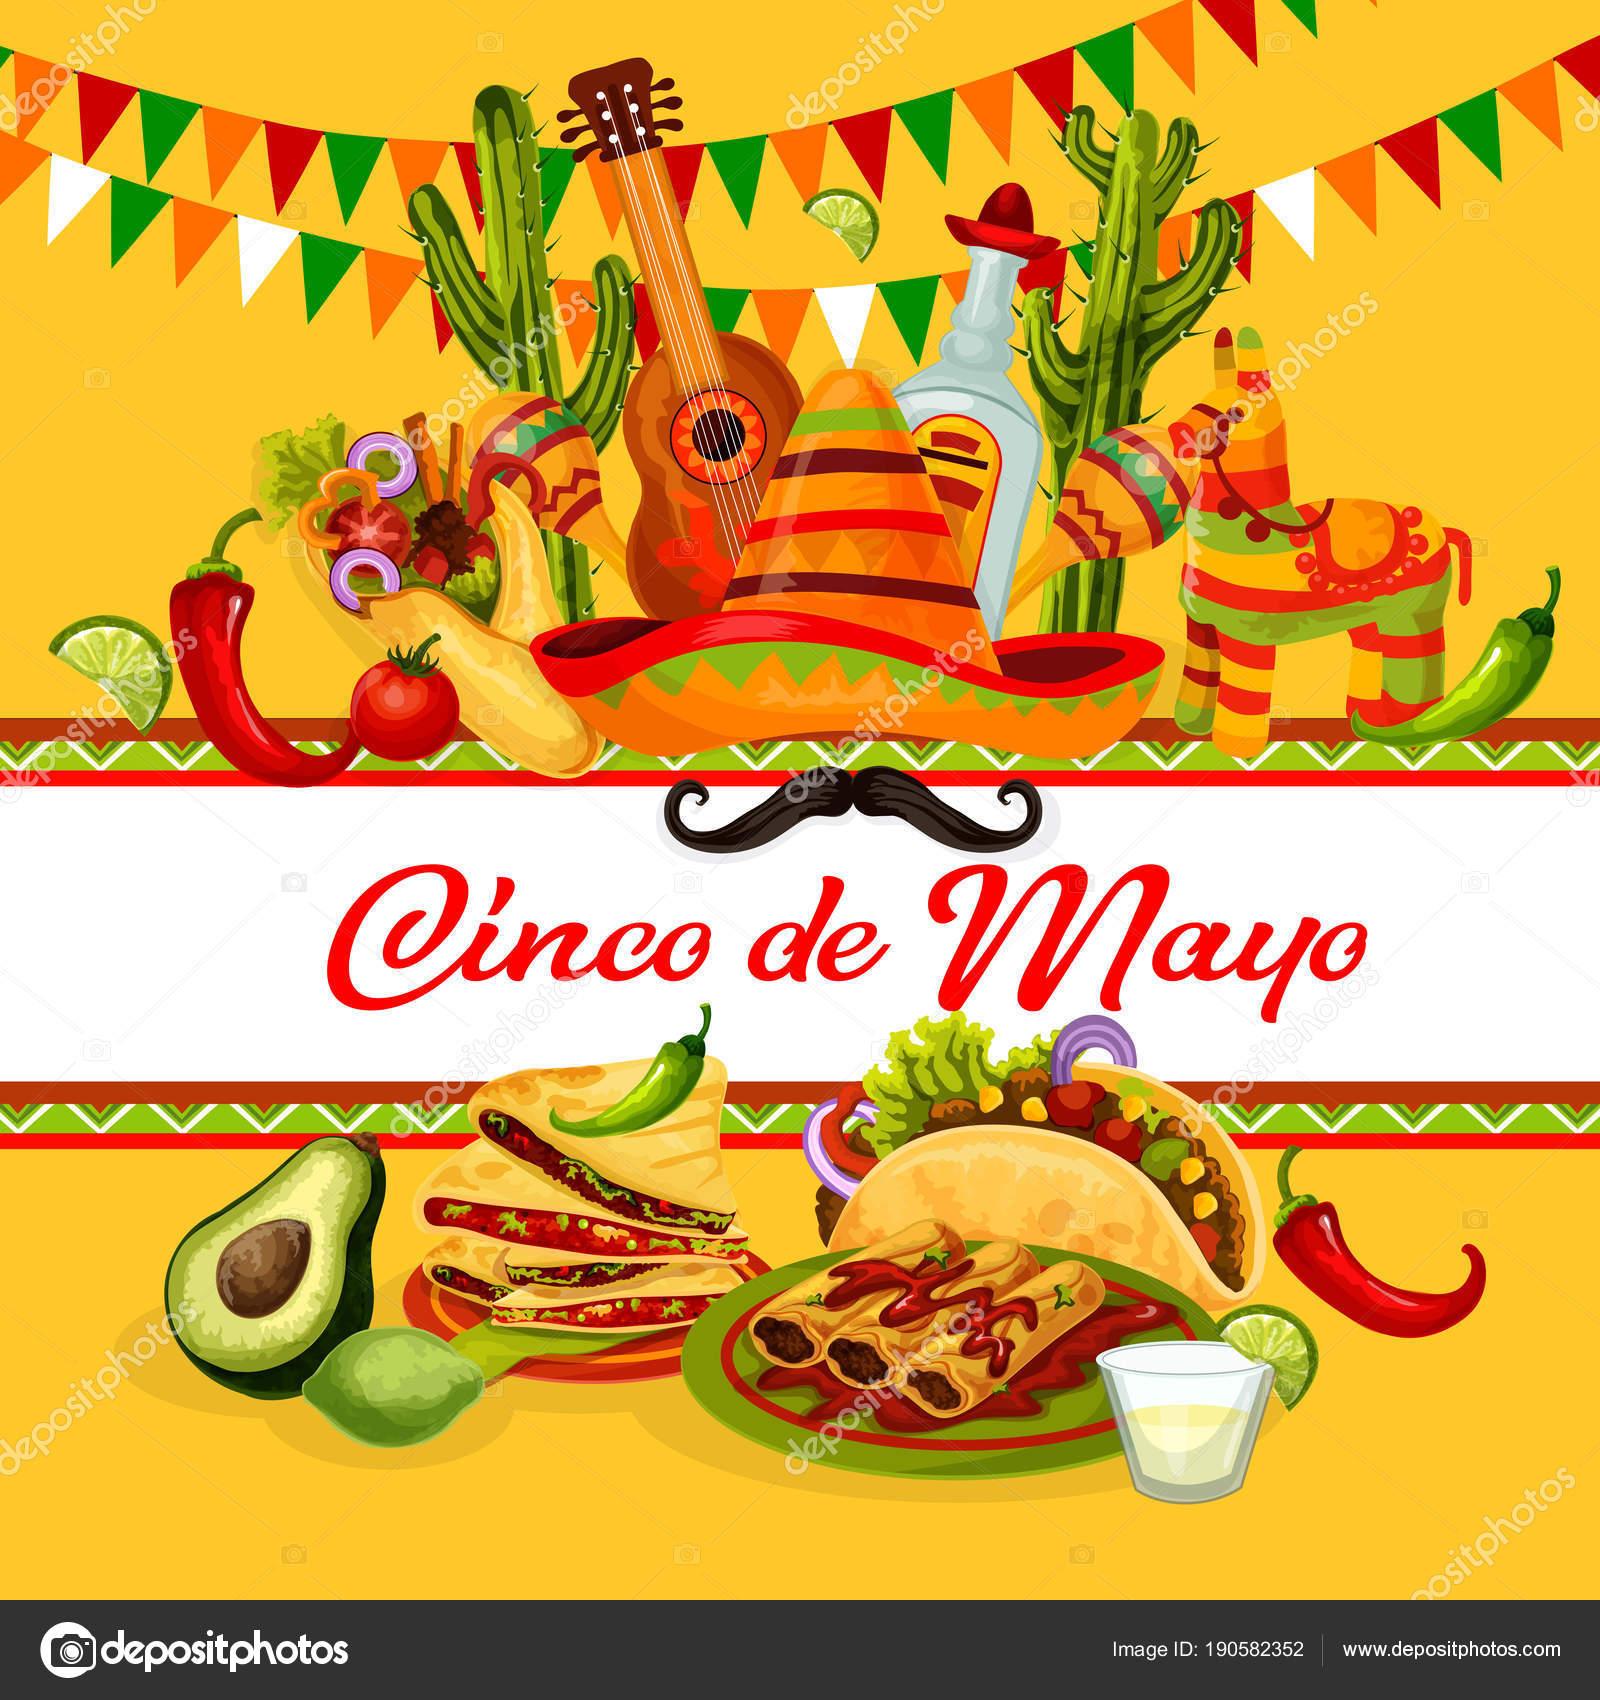 Cinco de Mayo Fiesta Mexicana tarjeta de felicitación con fiesta fiesta  comida y bebida. Latin American festival sombrero sombrero 7dc7b4b69fc